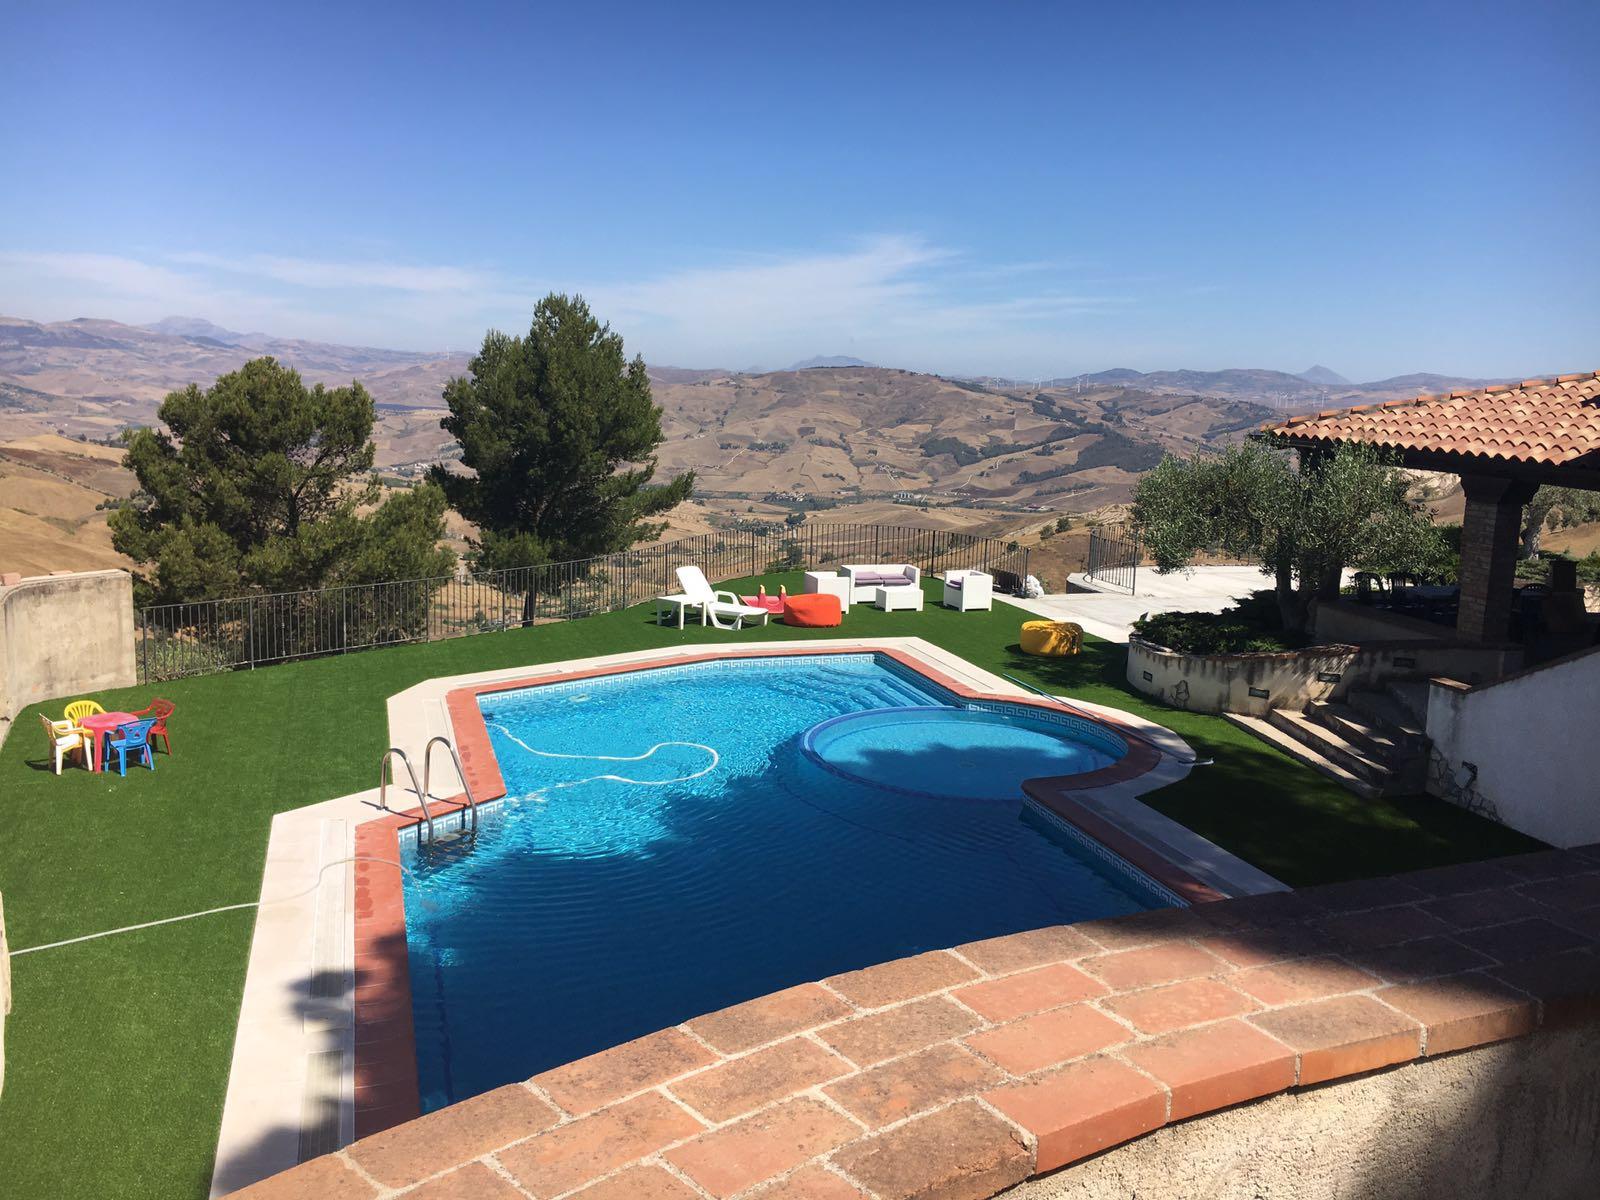 Una piscina in una villa e vista delle colline